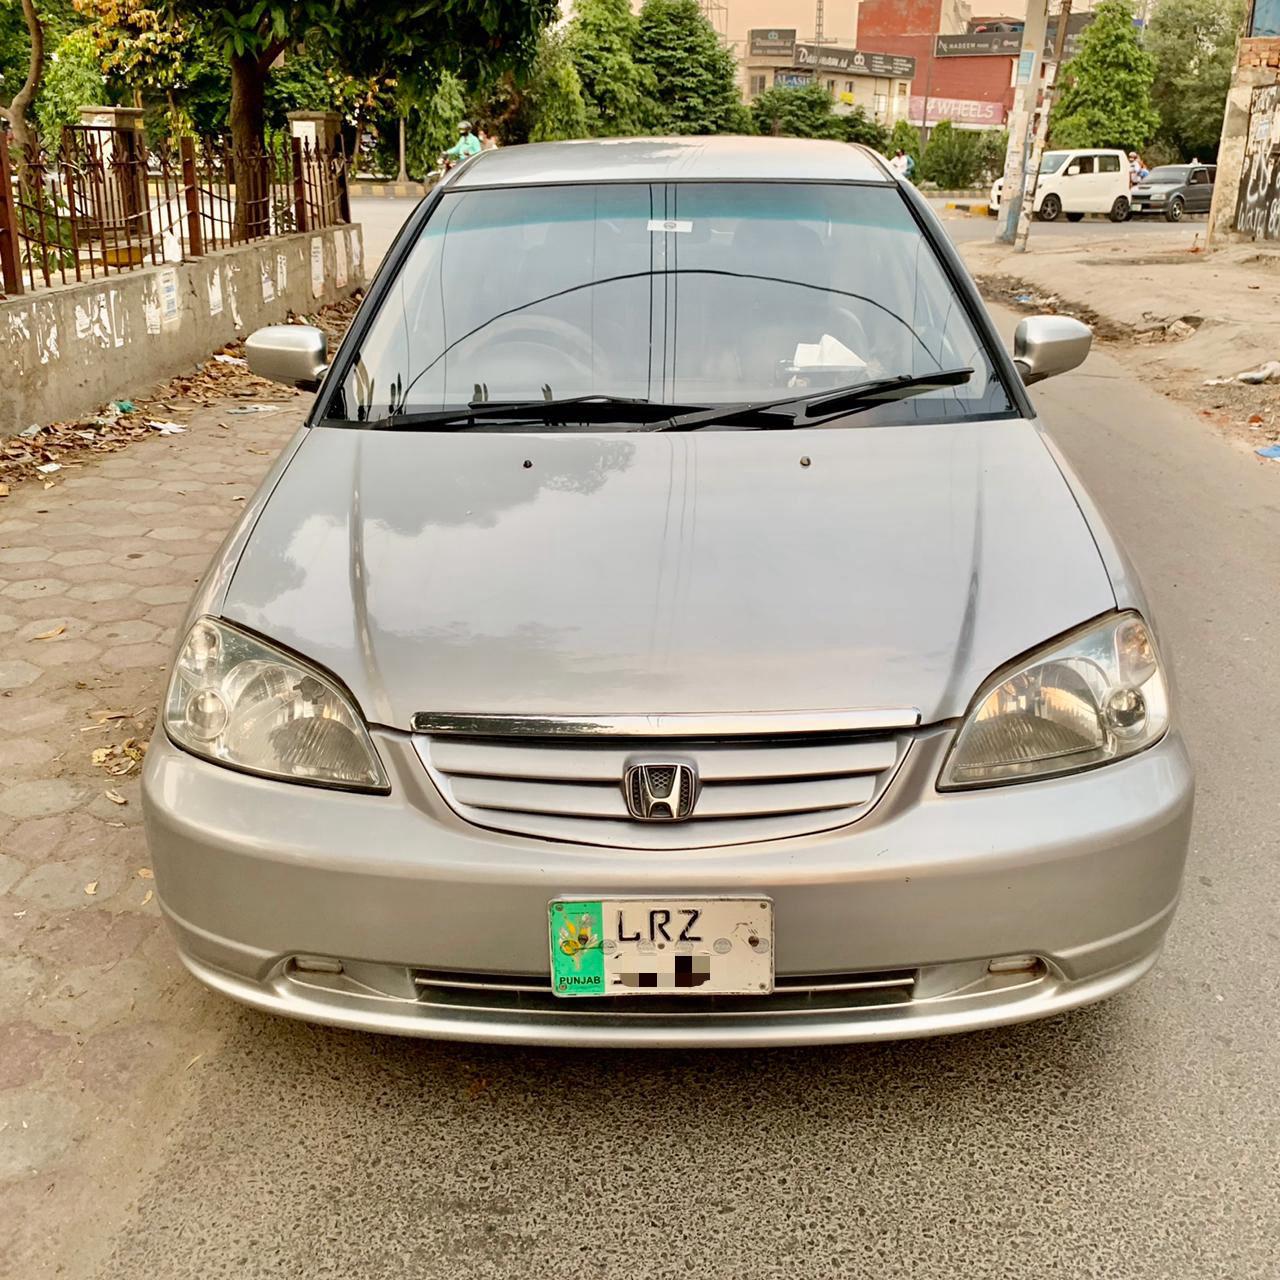 Honda Civic 1.8 i-VTEC Oriel 2004